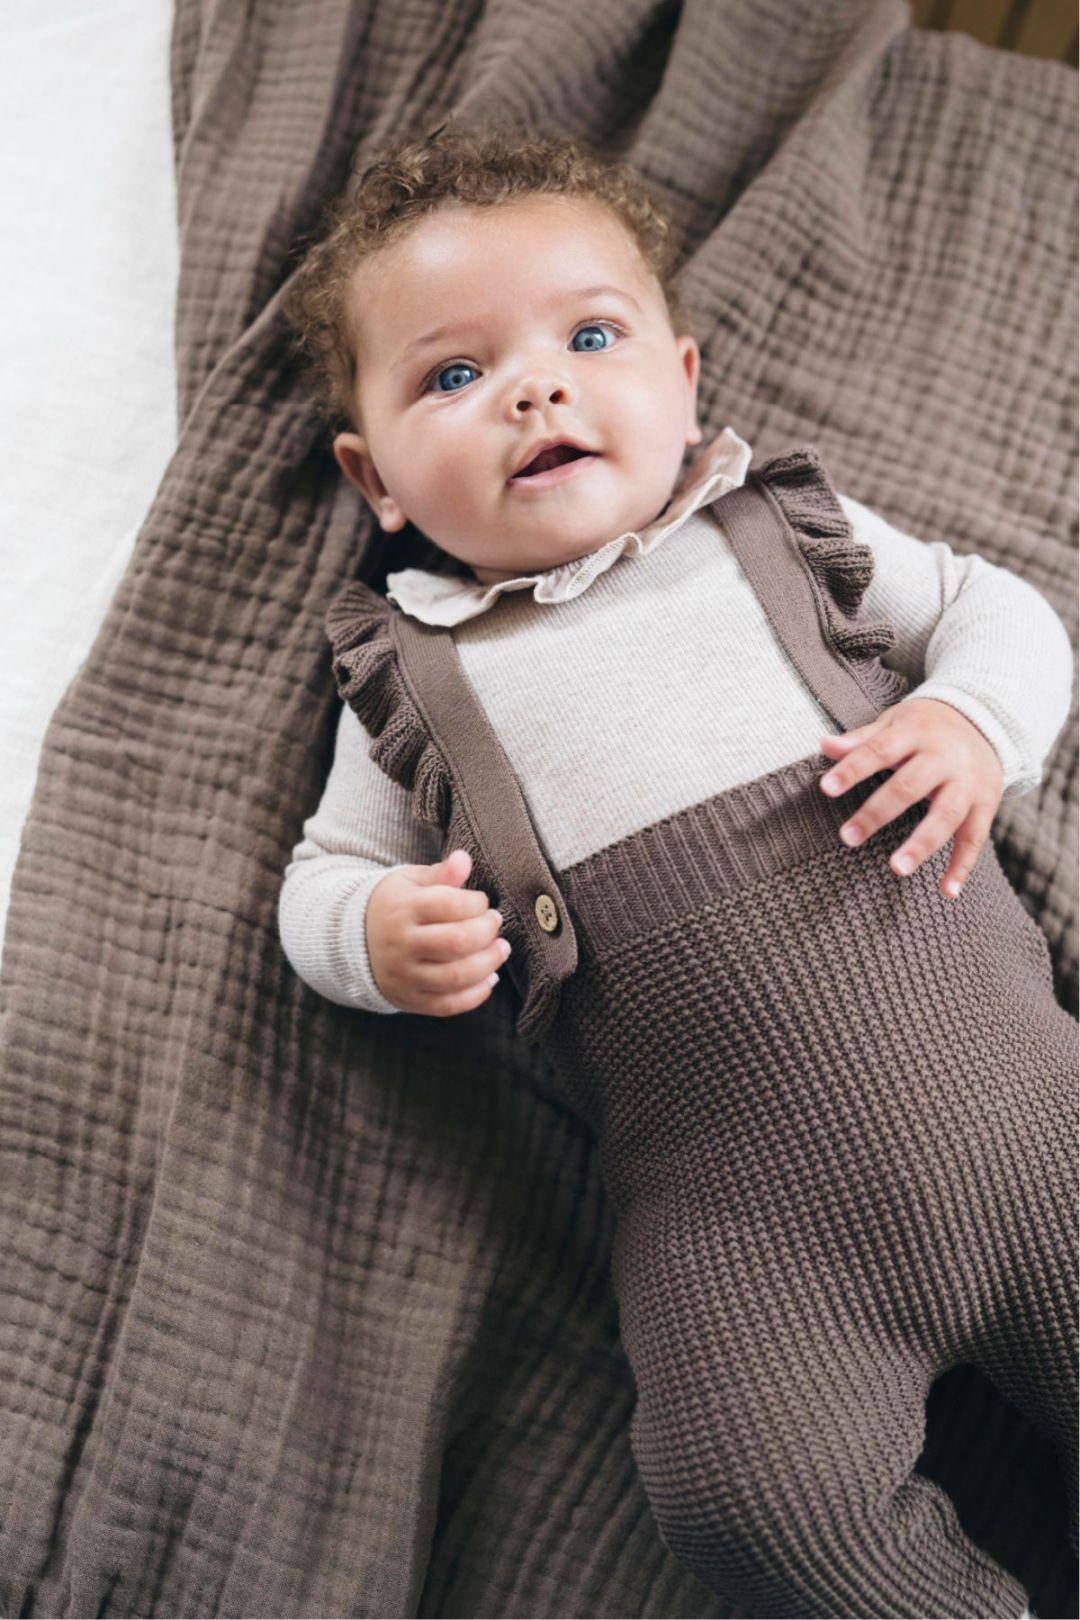 23965_Prenatal,SweetPetitOktober,PR4Kids_Prenatal_SweetPetitOktober_PR4Kids_4